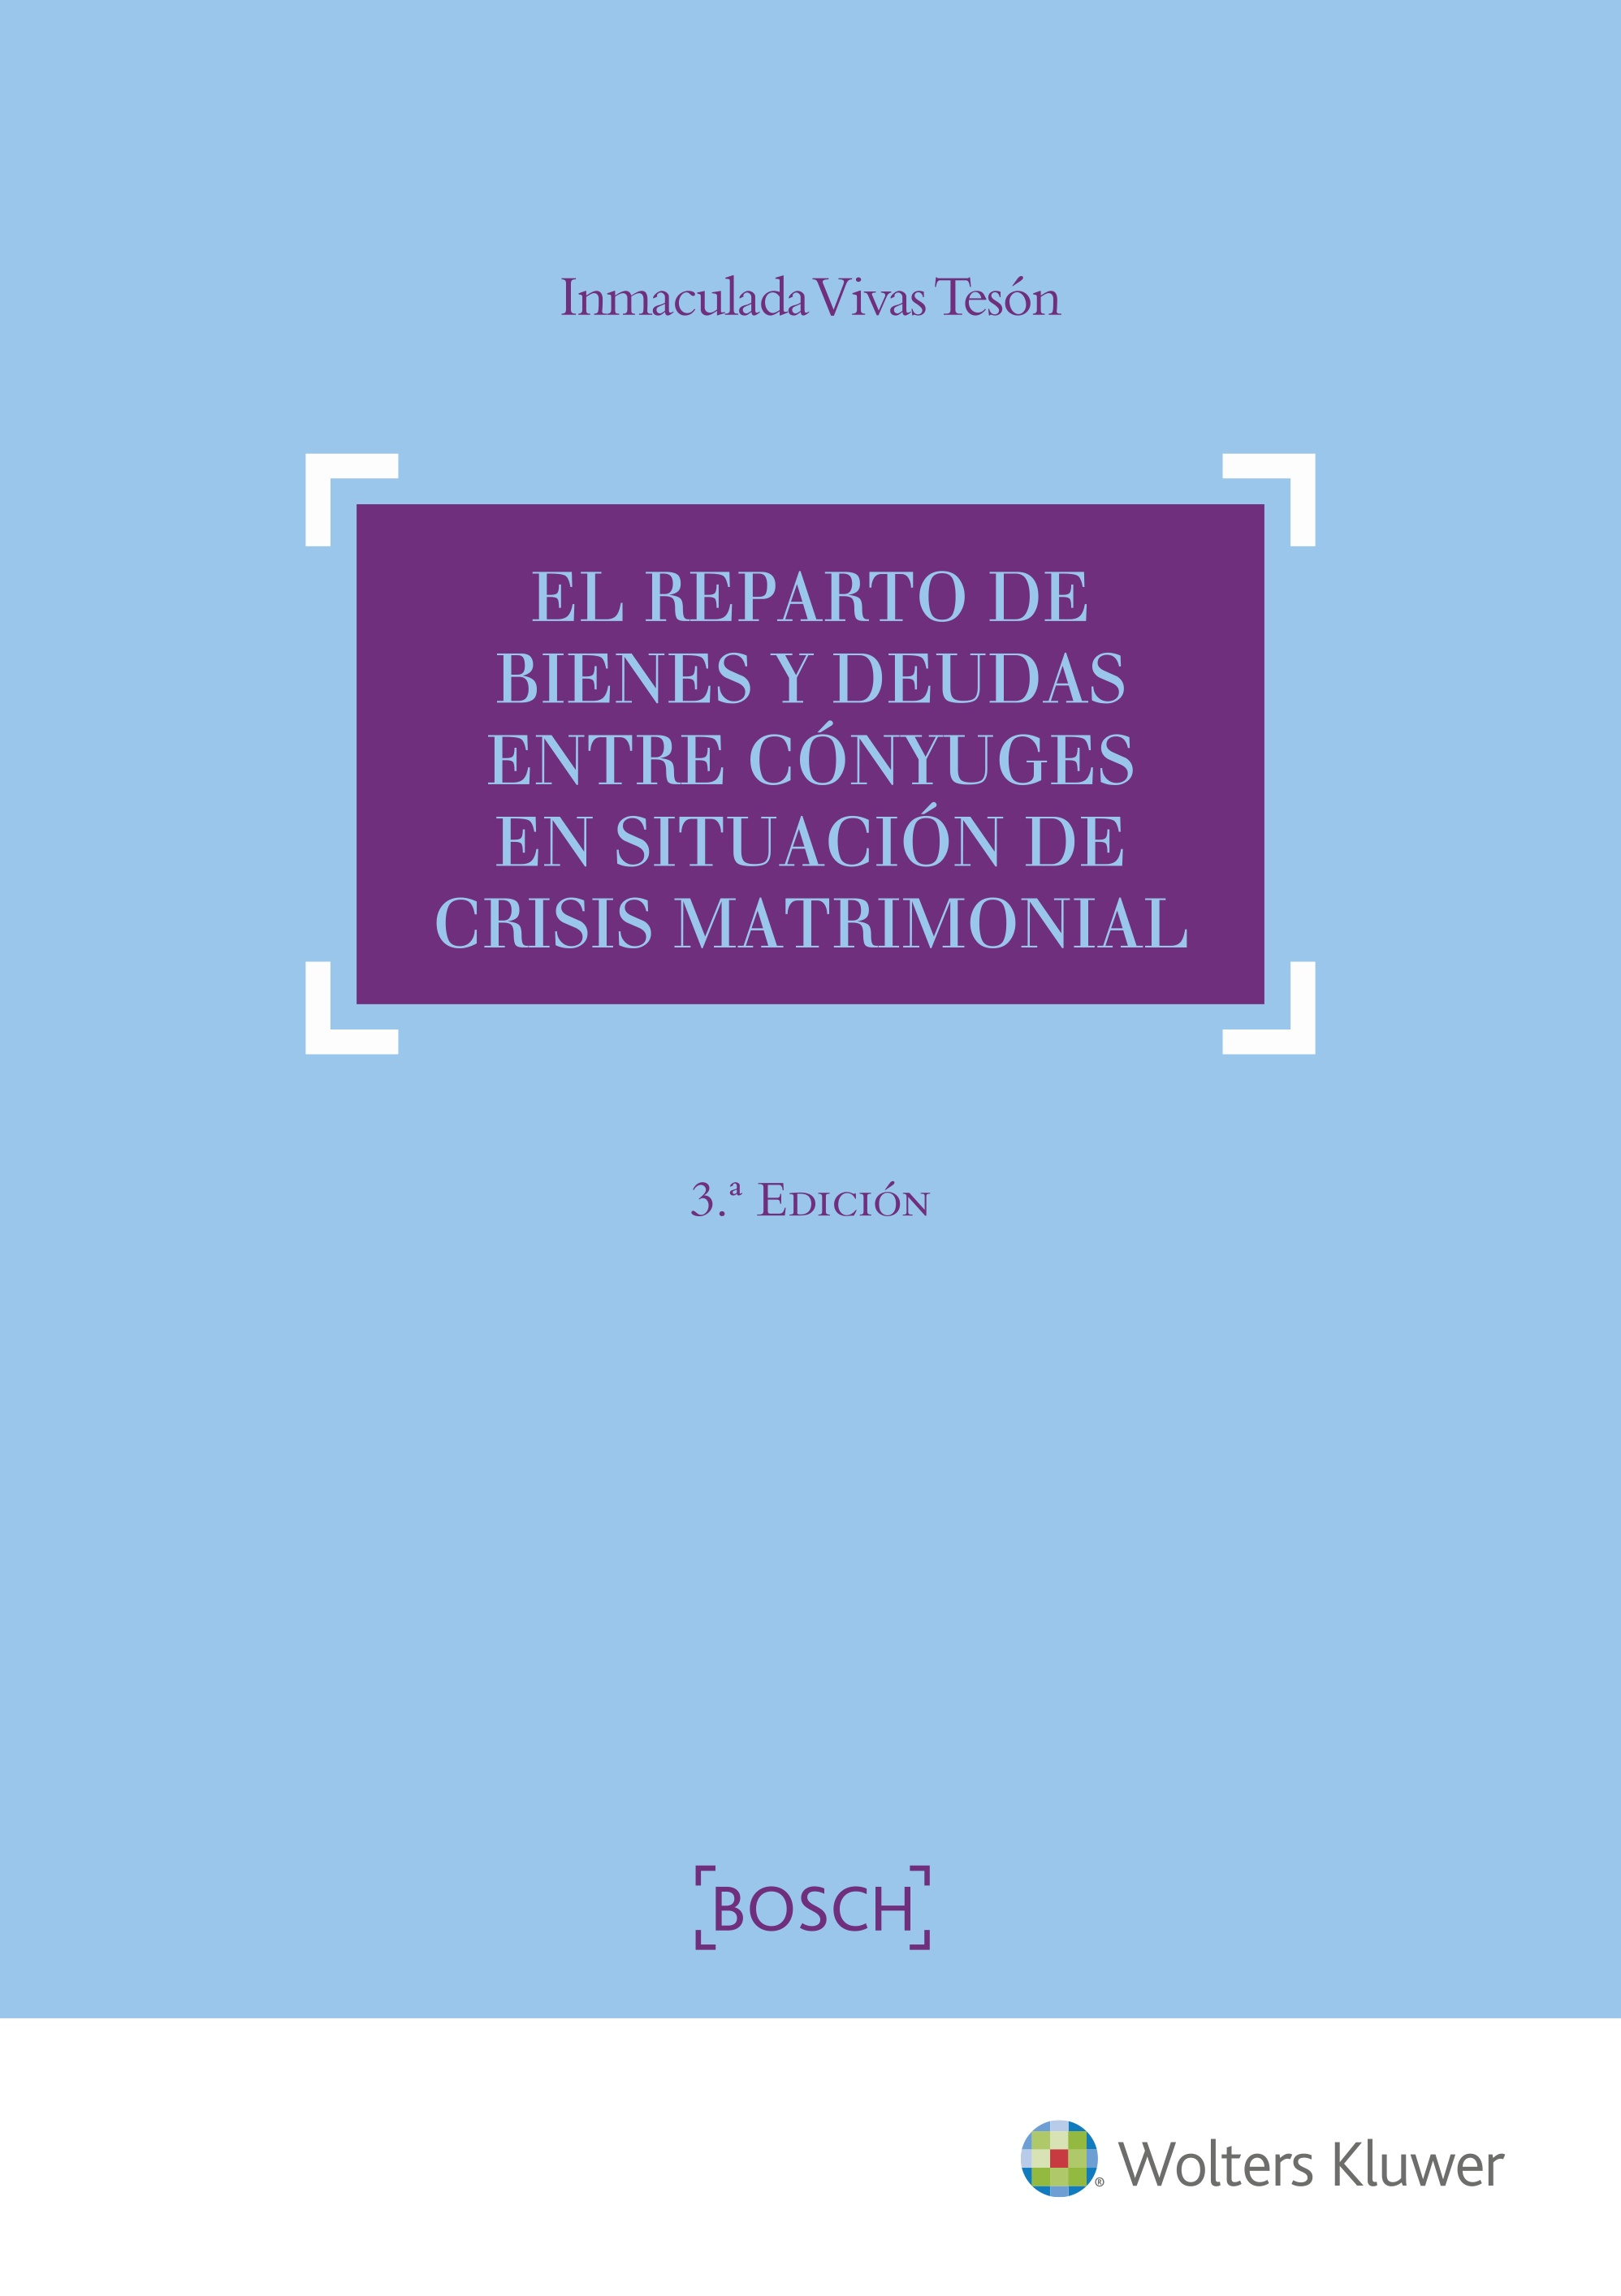 EL REPARTO DE BIENES Y DEUDAS ENTRE CONYUGES EN SITUACION DE CRIS